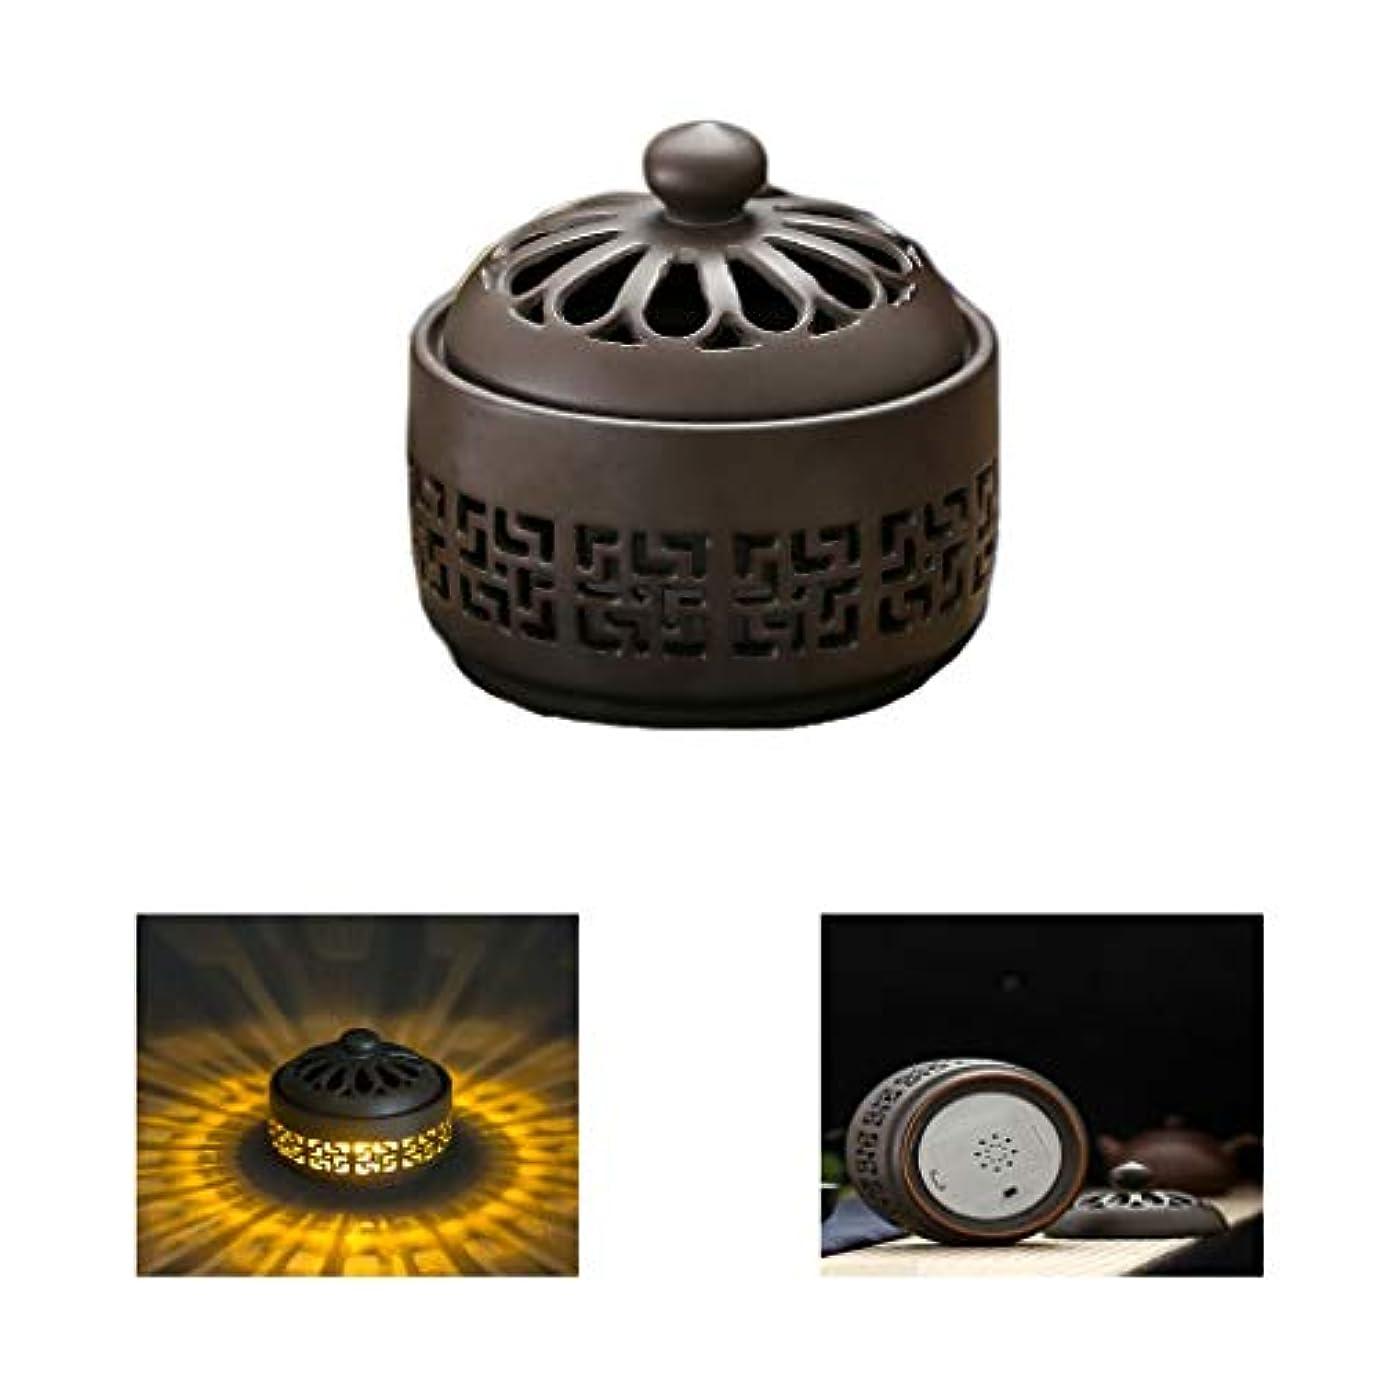 反毒持続する表向きホームアロマバーナー LED暖かい光香バーナーレトロノスタルジックなセラミック香炉高温アロマセラピー炉 アロマバーナー (Color : Earth tones)